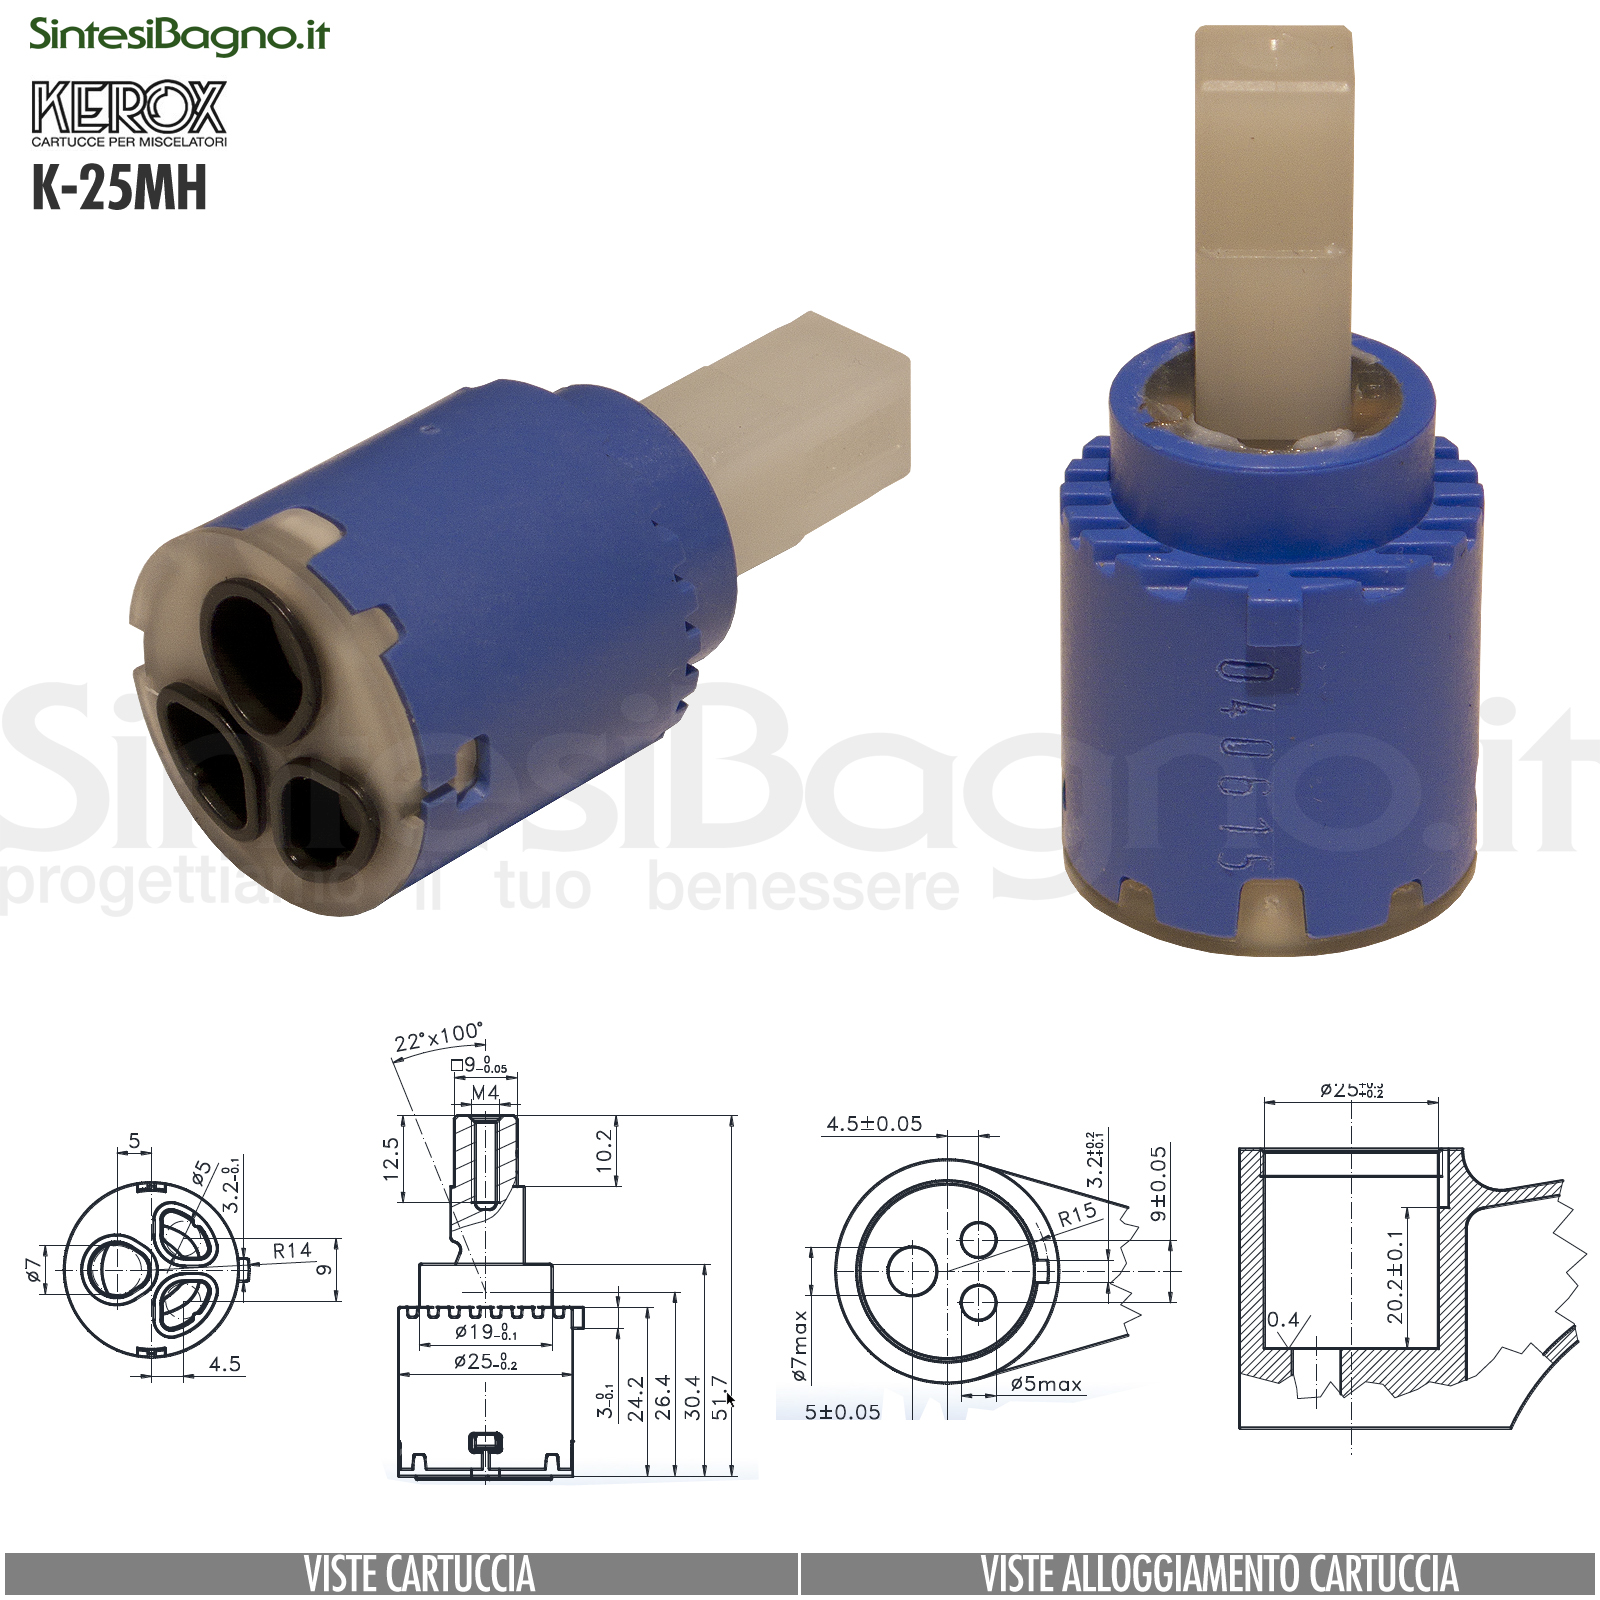 K25-MH-cartuccia-di-ricambio-KEROX-a-dischi-ceramici-per-miscelatore-monocomando-modello-K-25MH